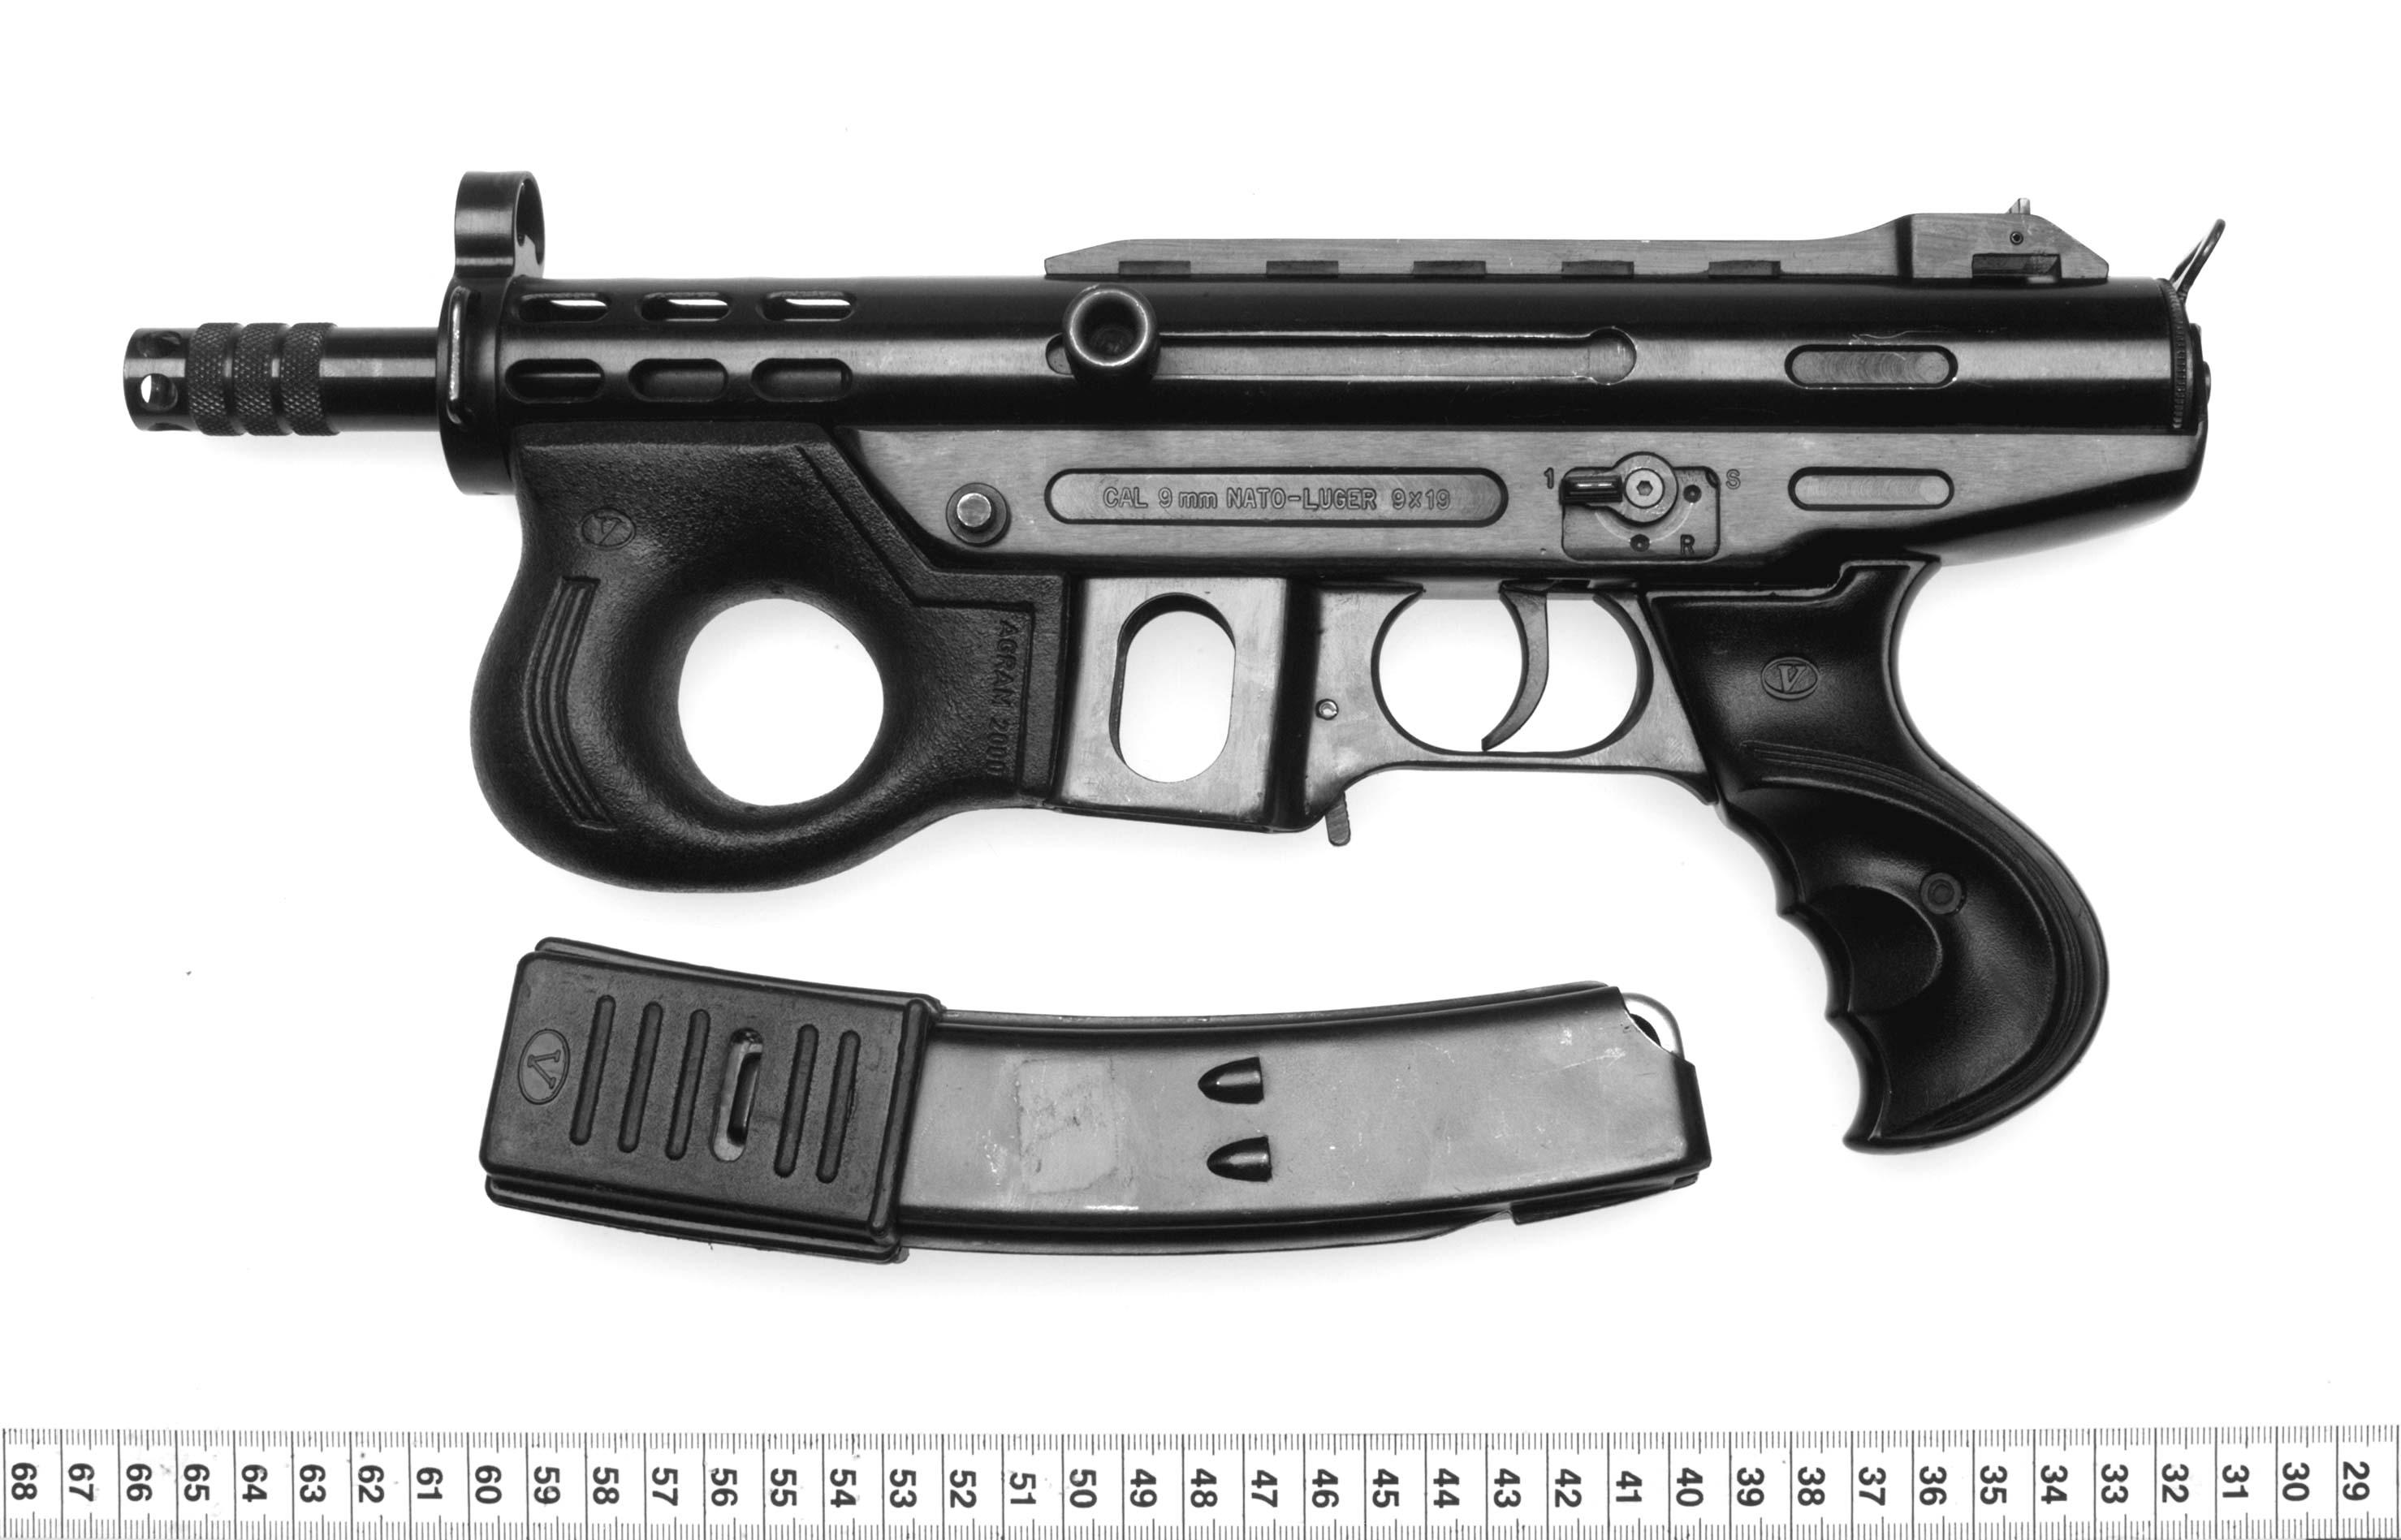 """Die Maschinenpistole (Foto 1 ohne Schalldämpfer, Foto 2 mit Schalldämpfer) wurde in der Vergangenheit meist in einer Transporttasche verkauft, die in der Szene wegen ihrer auffälligen Form auch """"Schweinchen"""" genannt wird. (Fotos: Polizei)"""